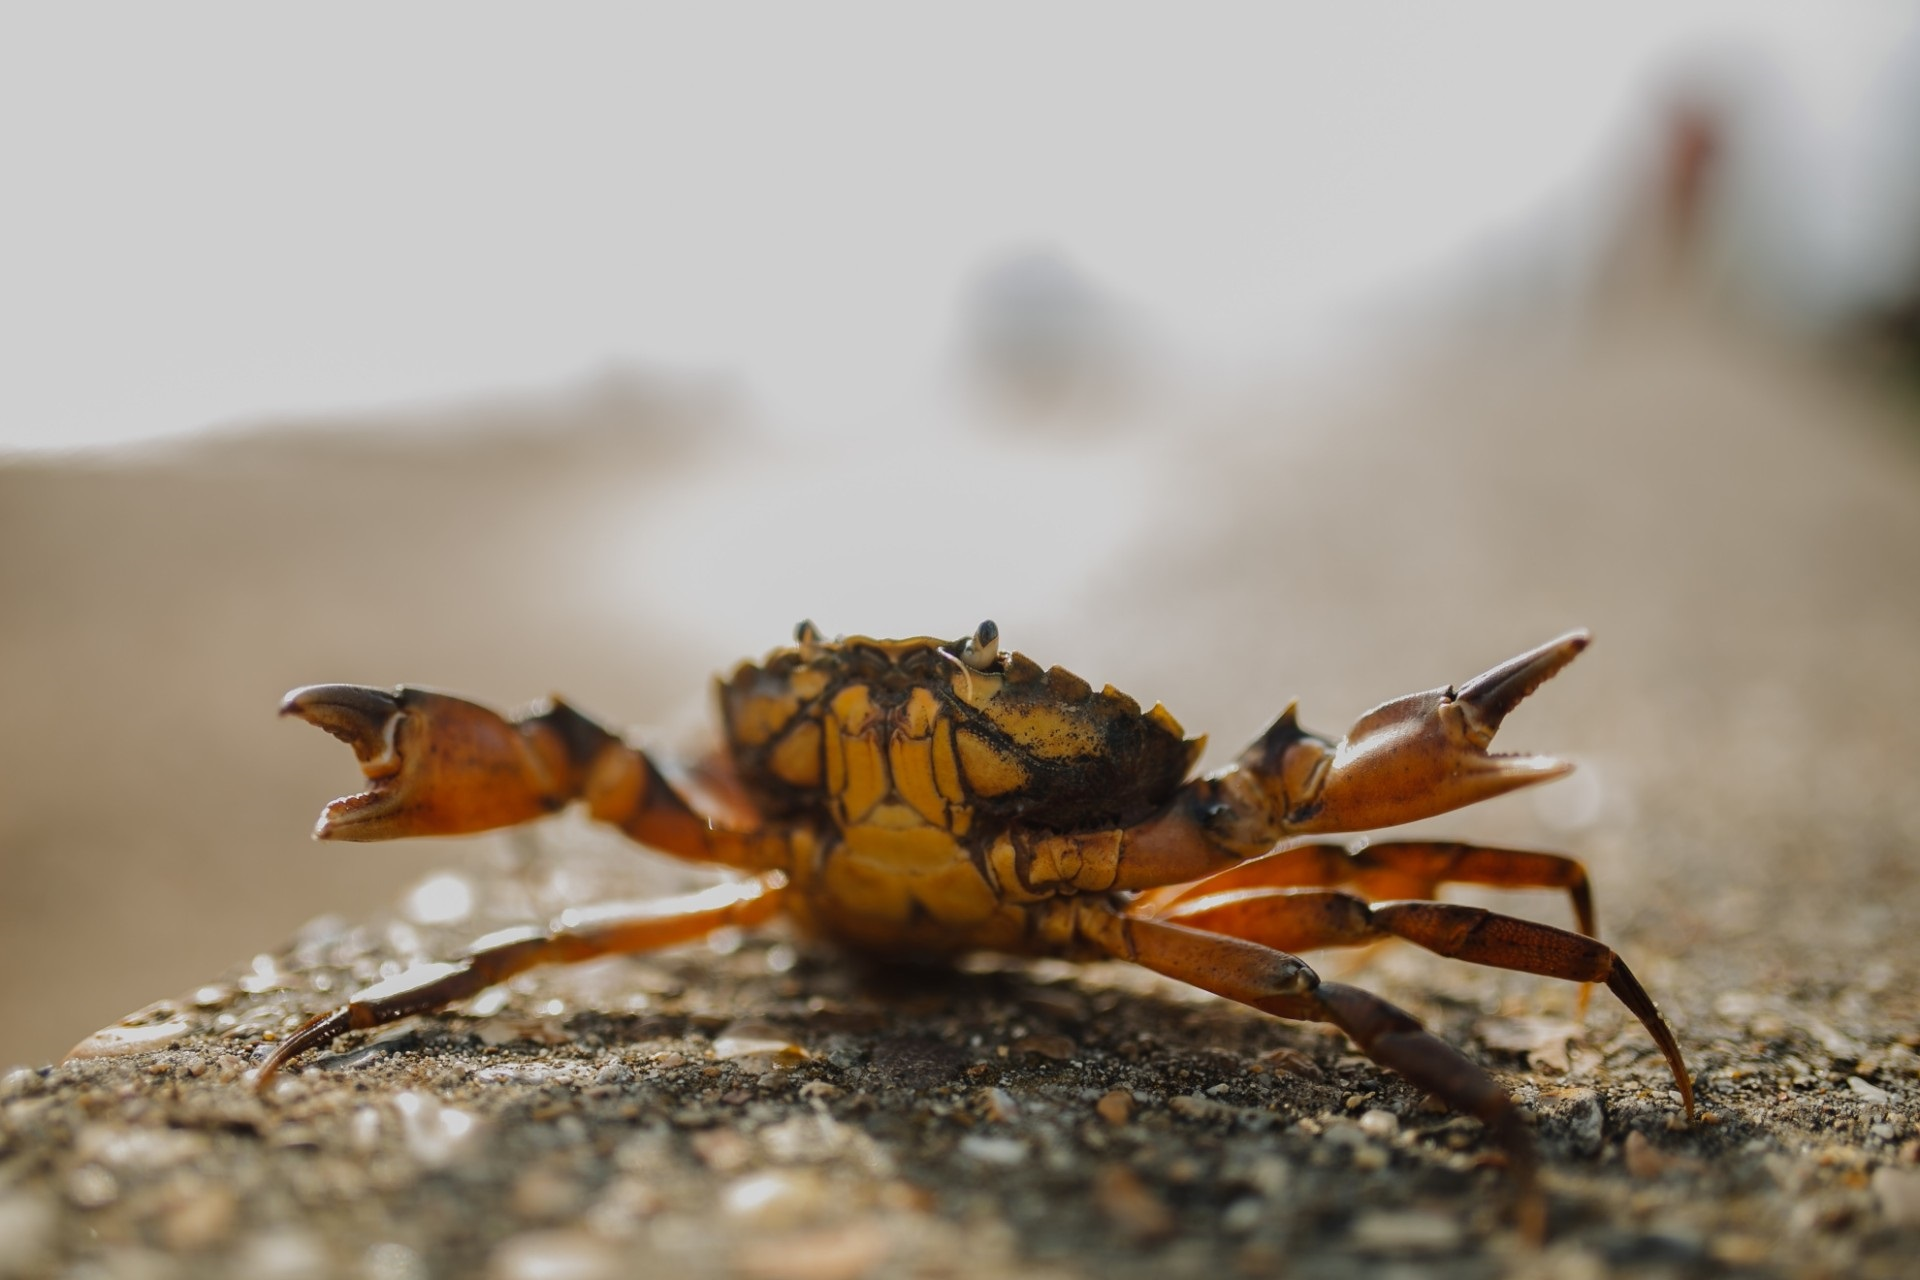 Red havet i din sommerferie: Fang og spis en strandkrabbe